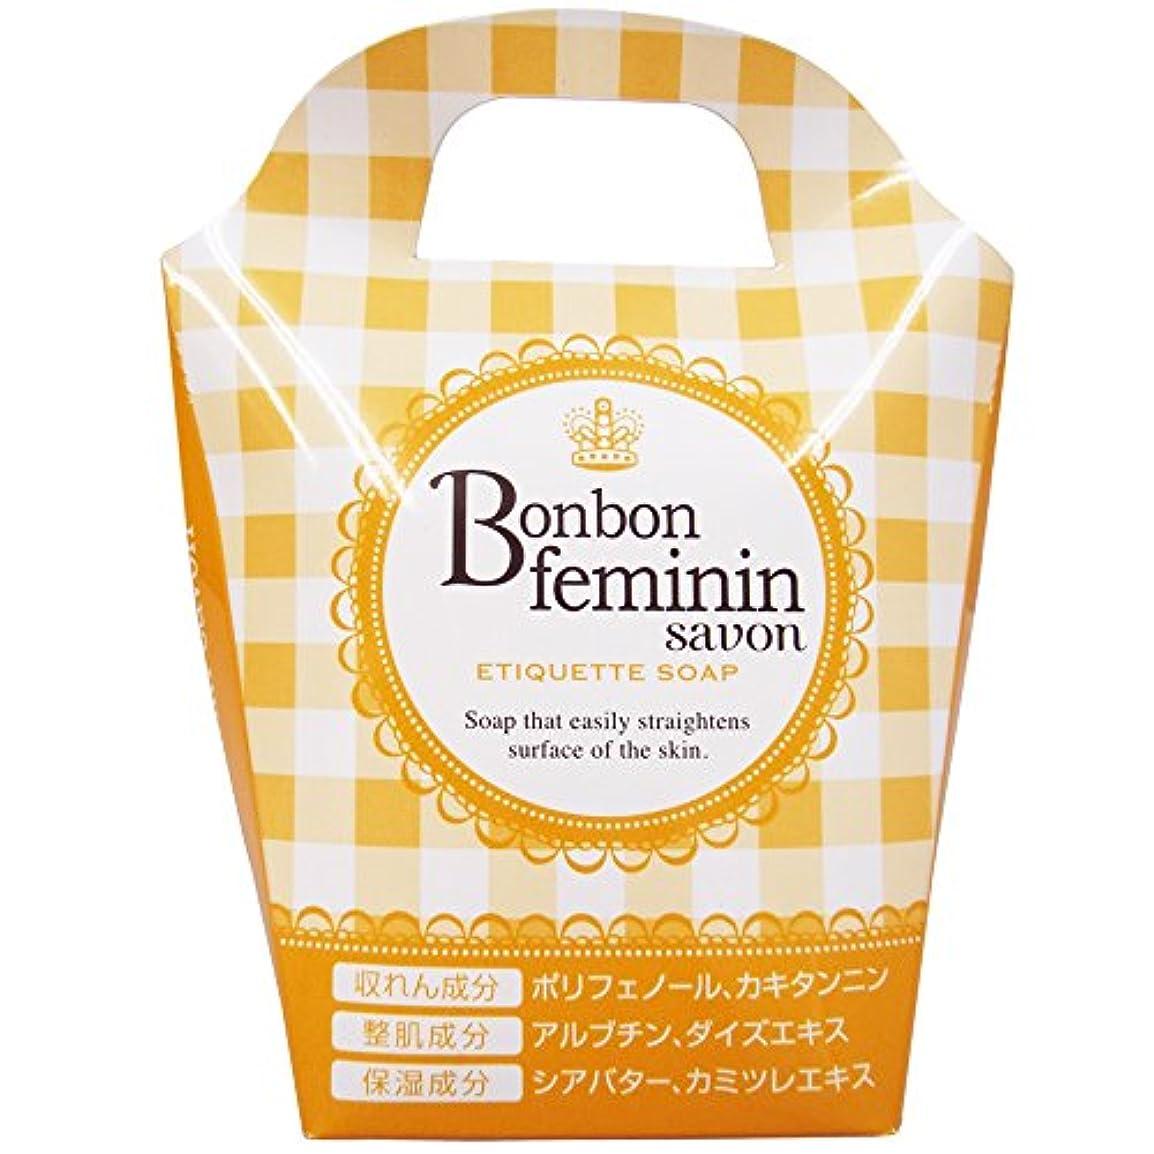 悪因子商人母ビーム BONBON・FEMININ・SAVON(ボンボンフェミニンサボン) 25g